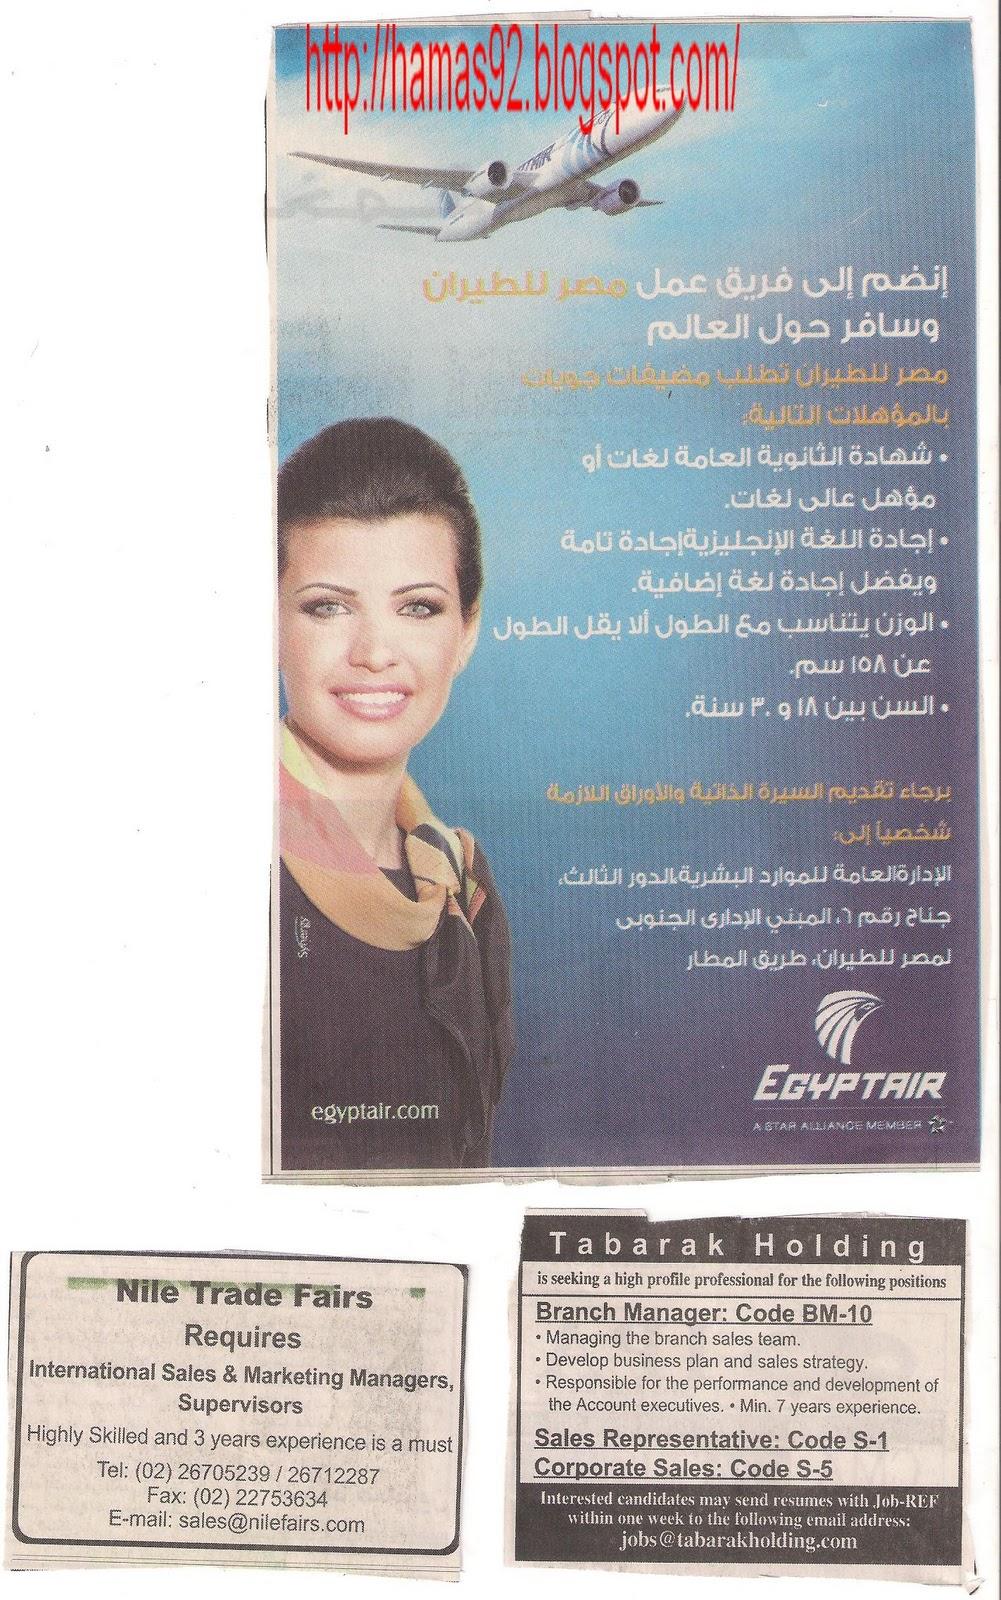 وظائف اهرام الجمعه 14 يناير 2011 - وظائف خاليه: http://hamas92.blogspot.com/2011/01/14-2011_13.html